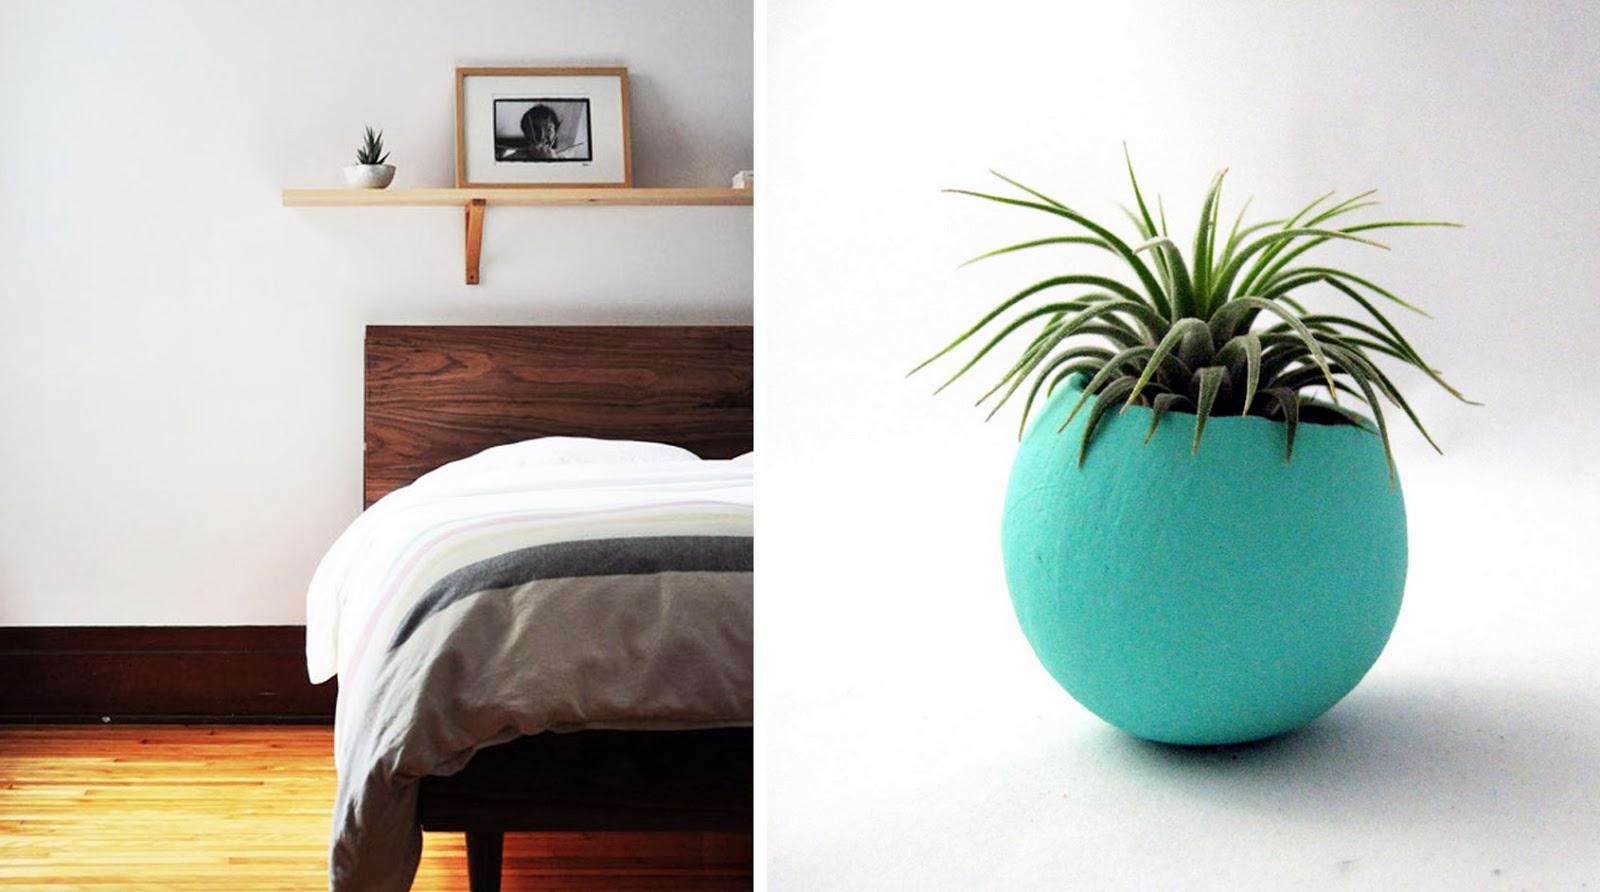 inspiración_pequeñas plantas_ameiseblog